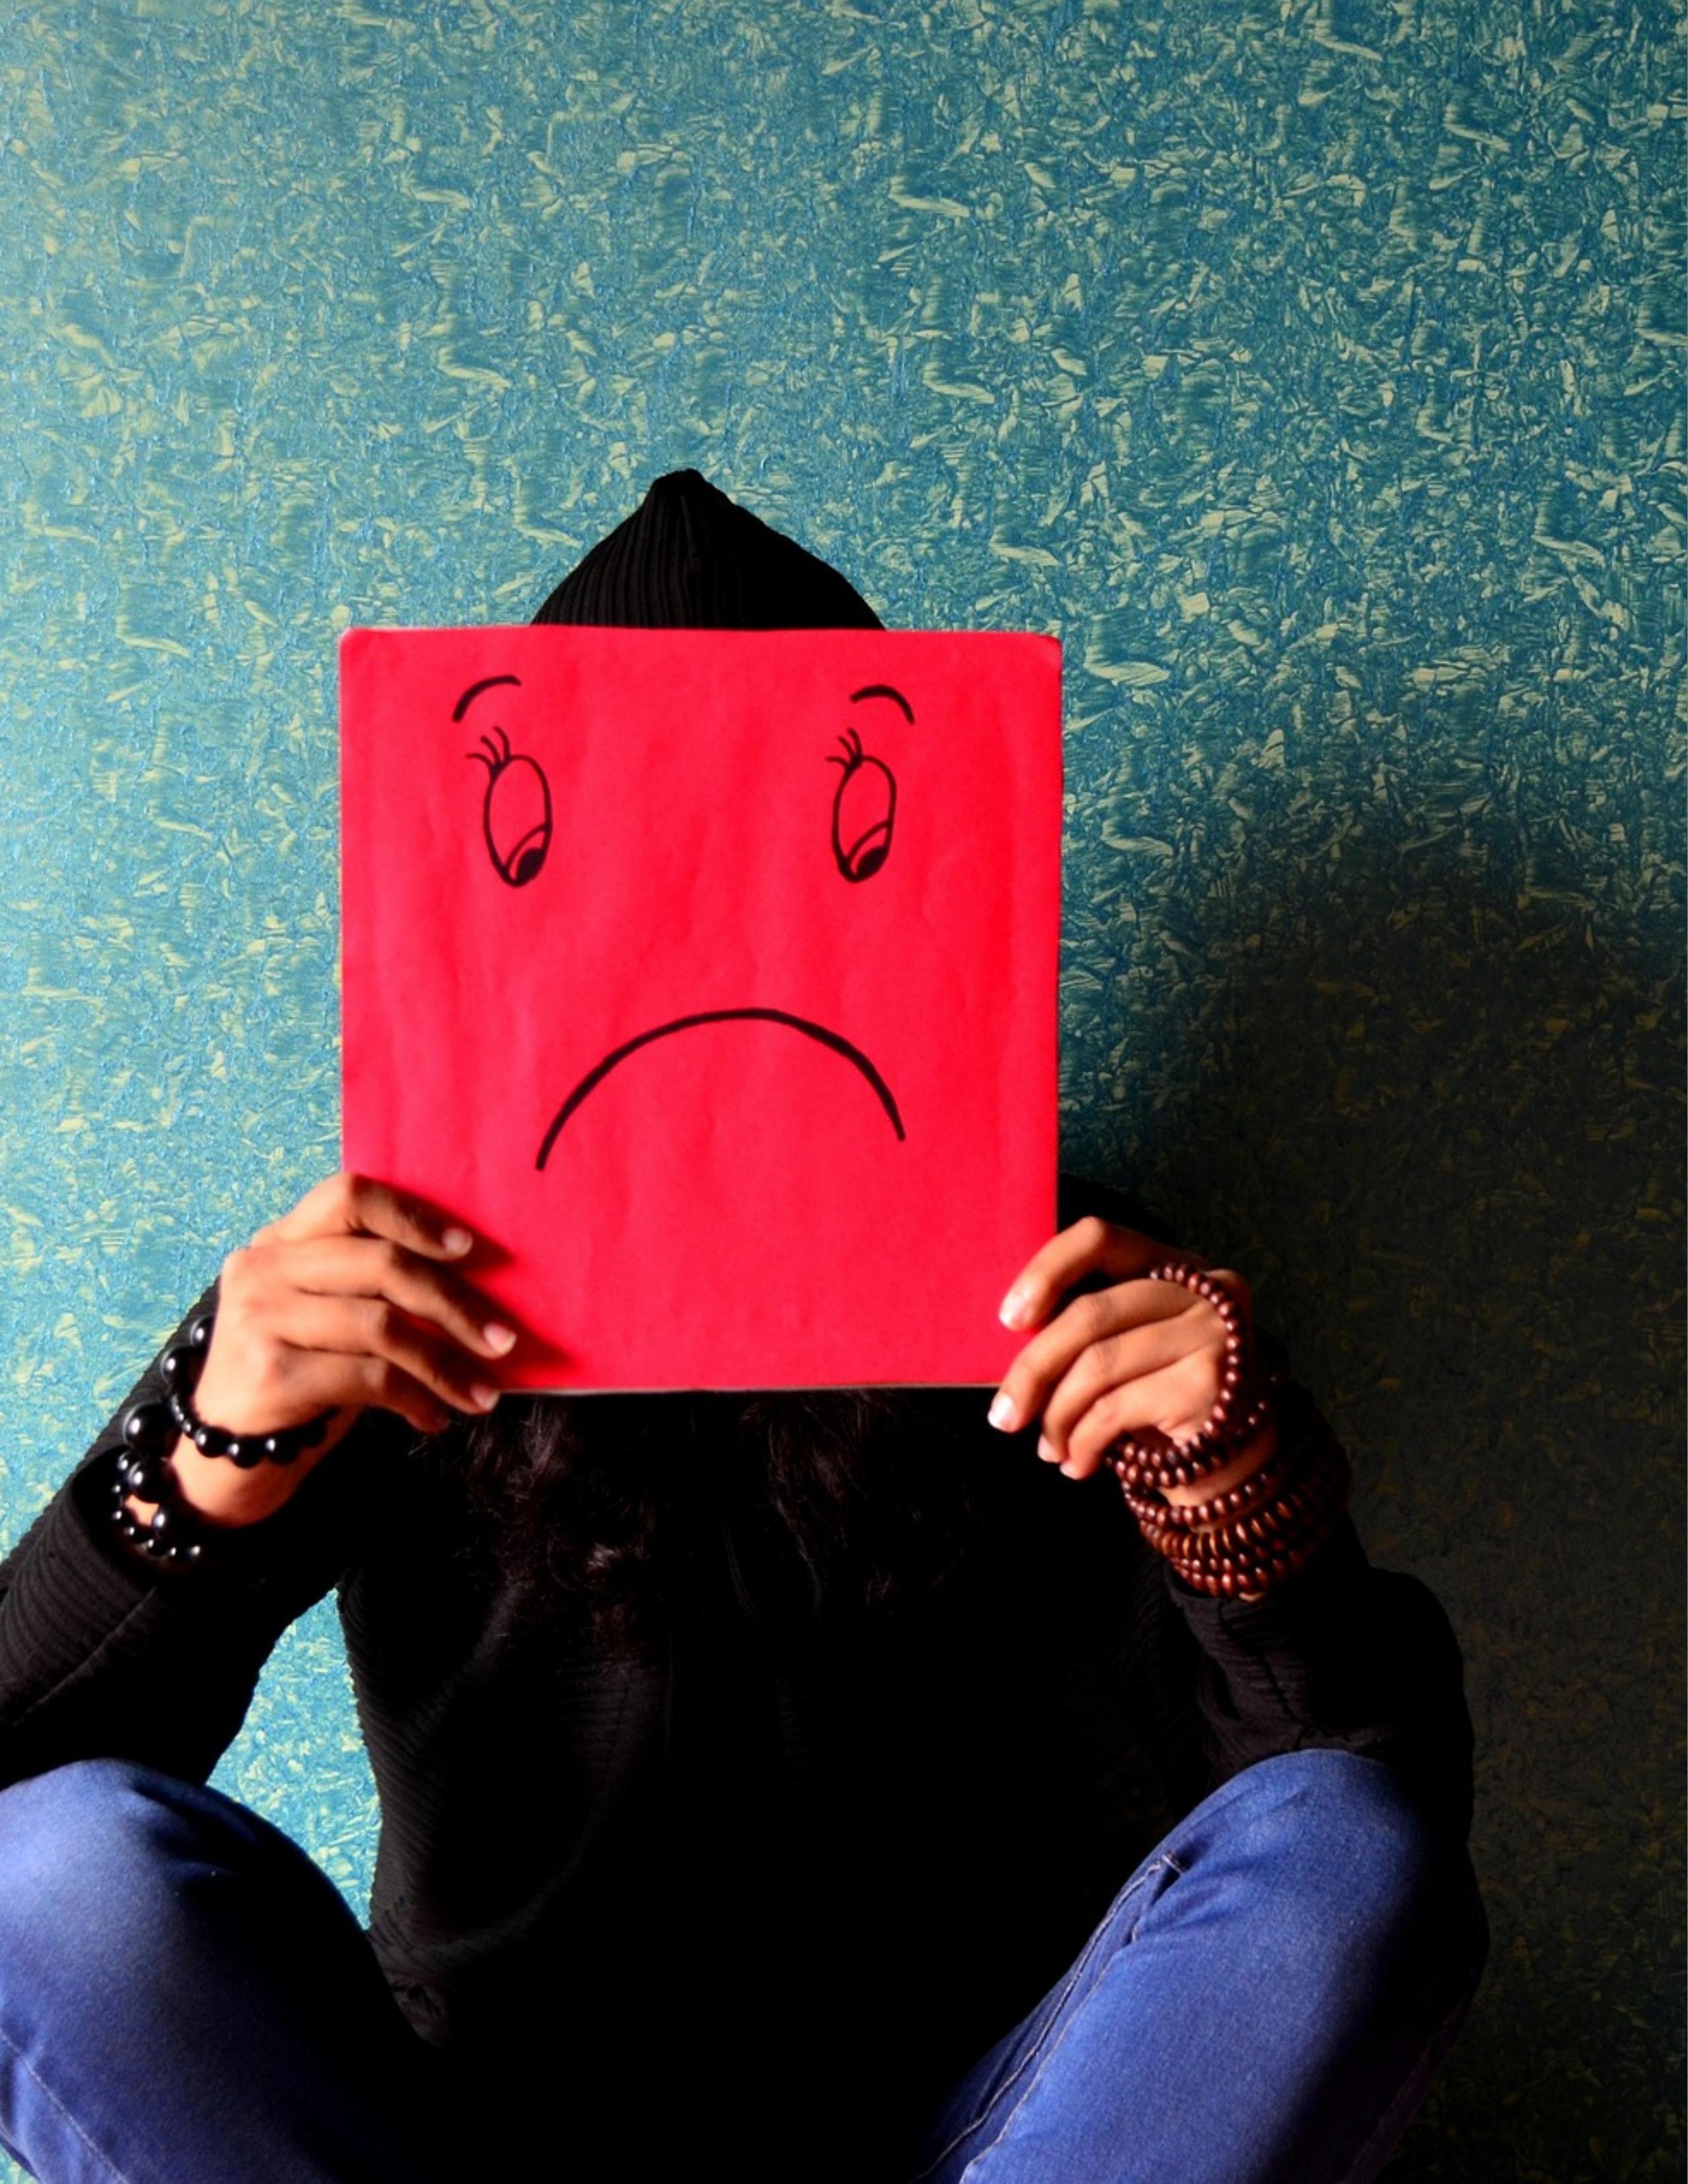 תסכול הוא בן בית אצל ילדים ונוער עם הפרעת קשב